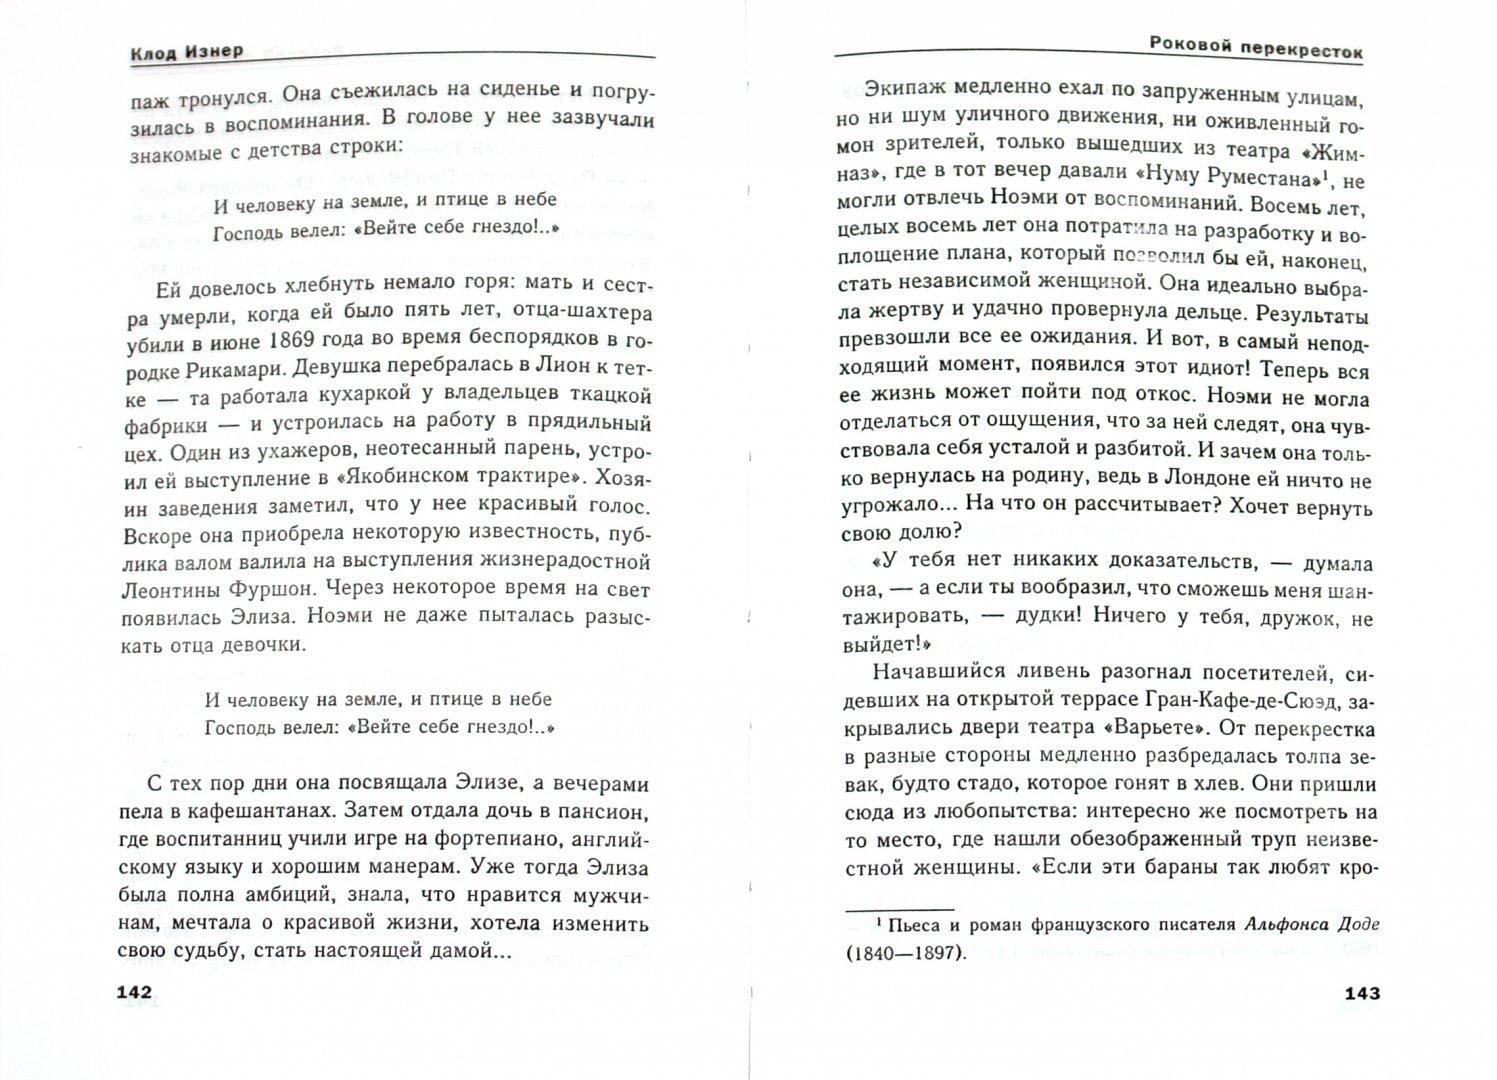 Иллюстрация 1 из 4 для Роковой перекресток - Клод Изнер | Лабиринт - книги. Источник: Лабиринт